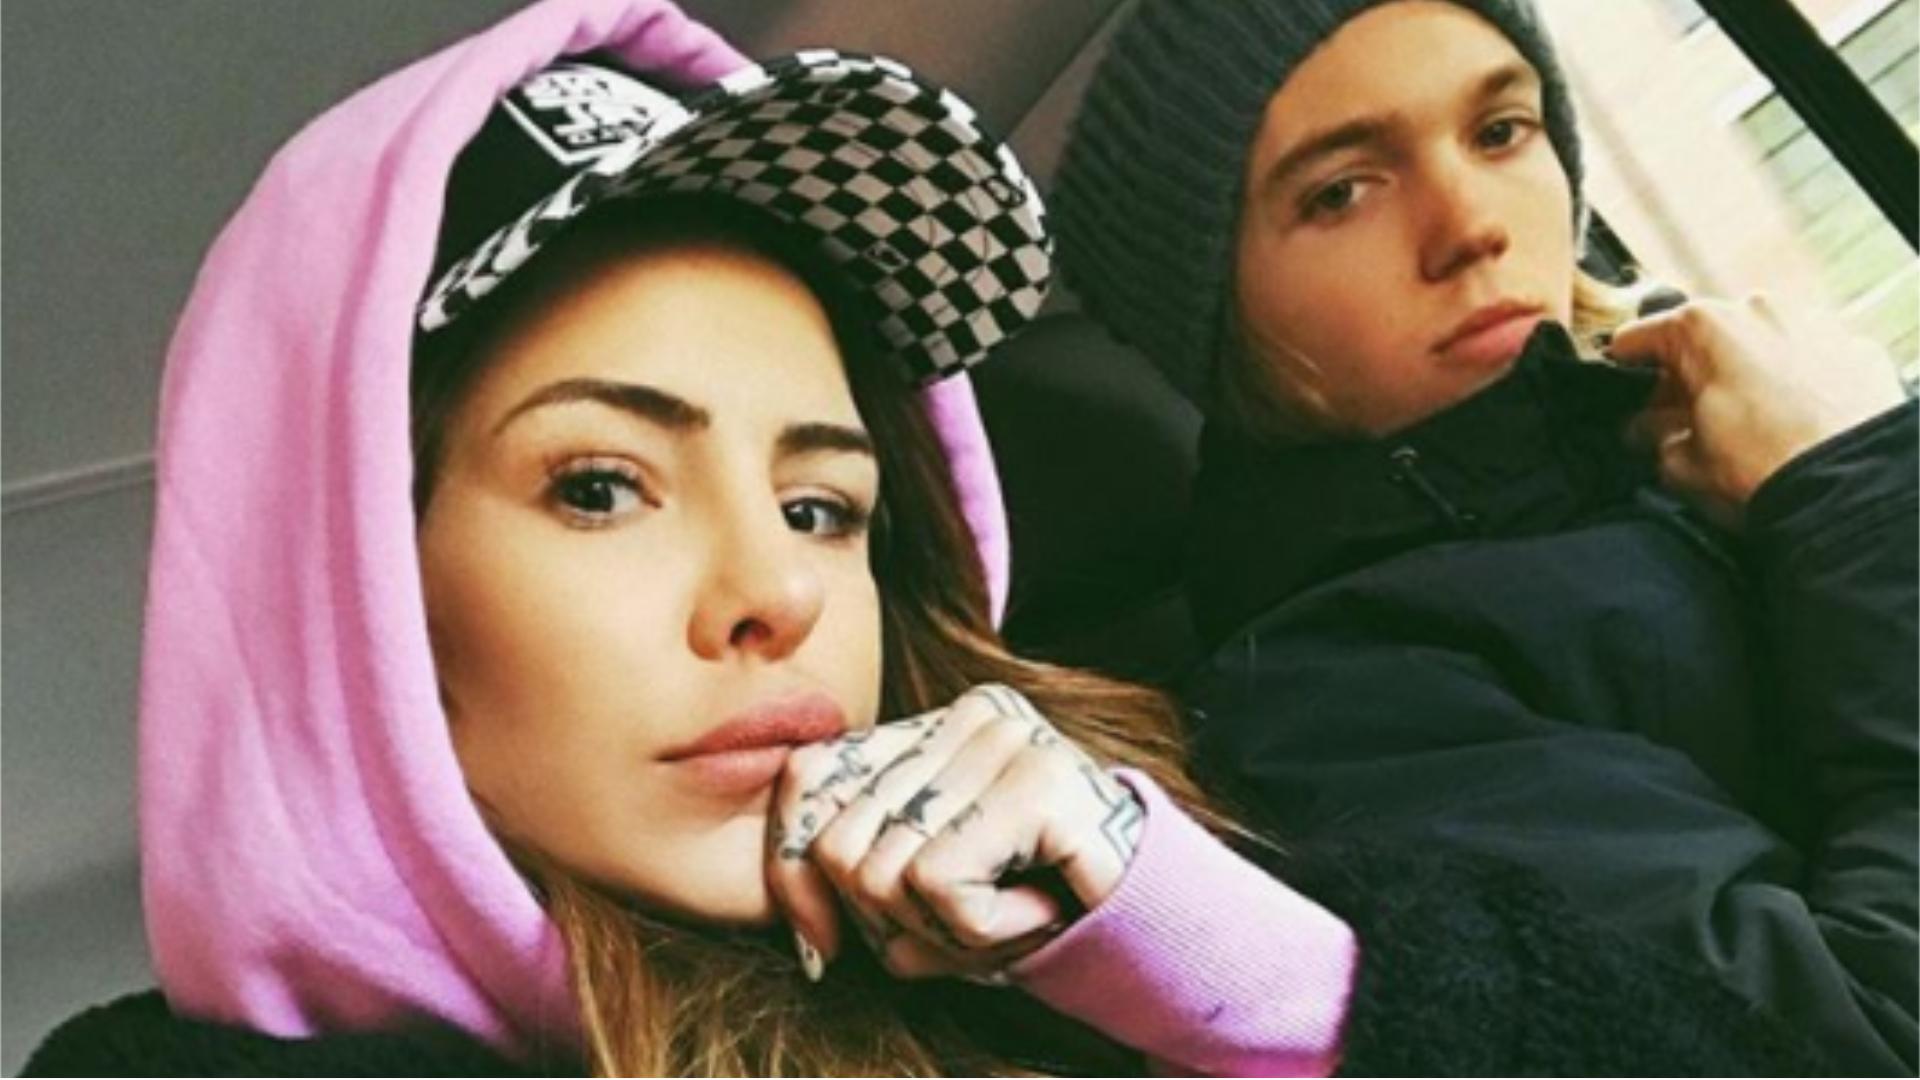 Luego de un viaje a Nueva York, Candelaria Tinelli y Franco Masini terminaron su noviazgo de seis meses